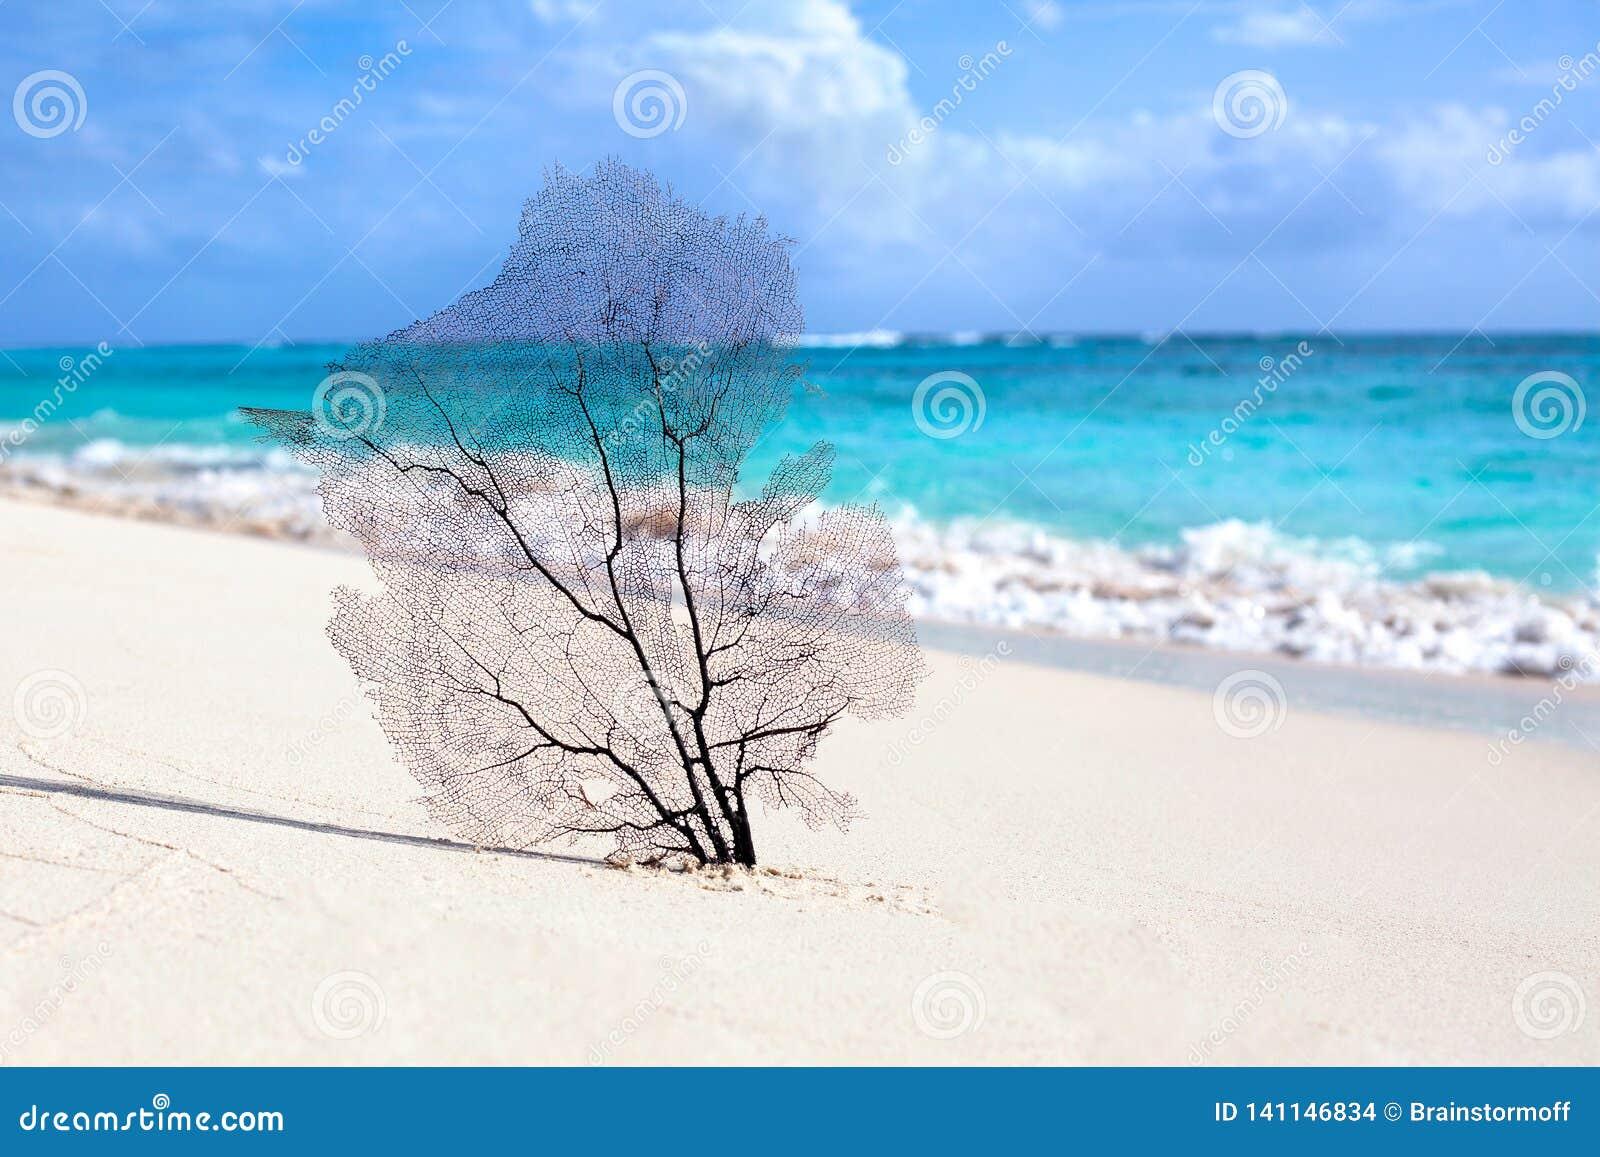 Praia branca da areia, mar de turquesa no céu azul com fundo branco das nuvens